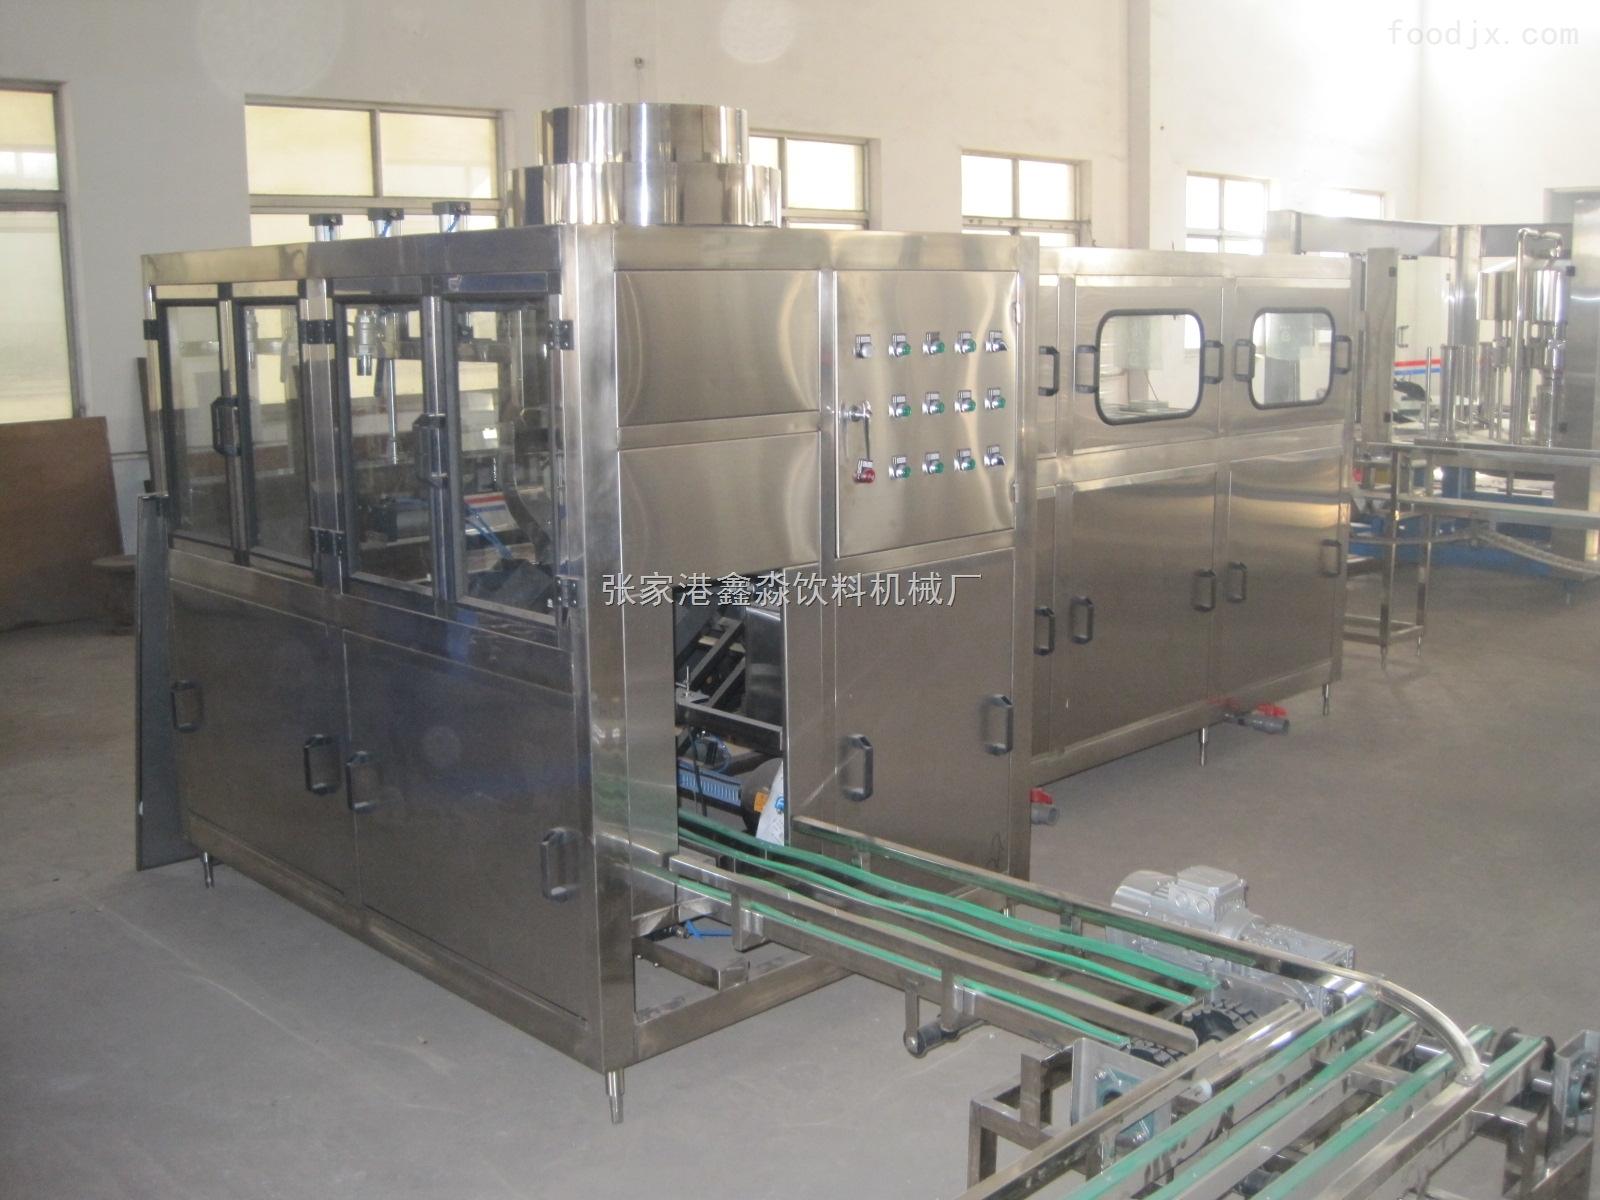 qgf-300型-300桶桶装水灌装机-张家港鑫淼饮料机械厂